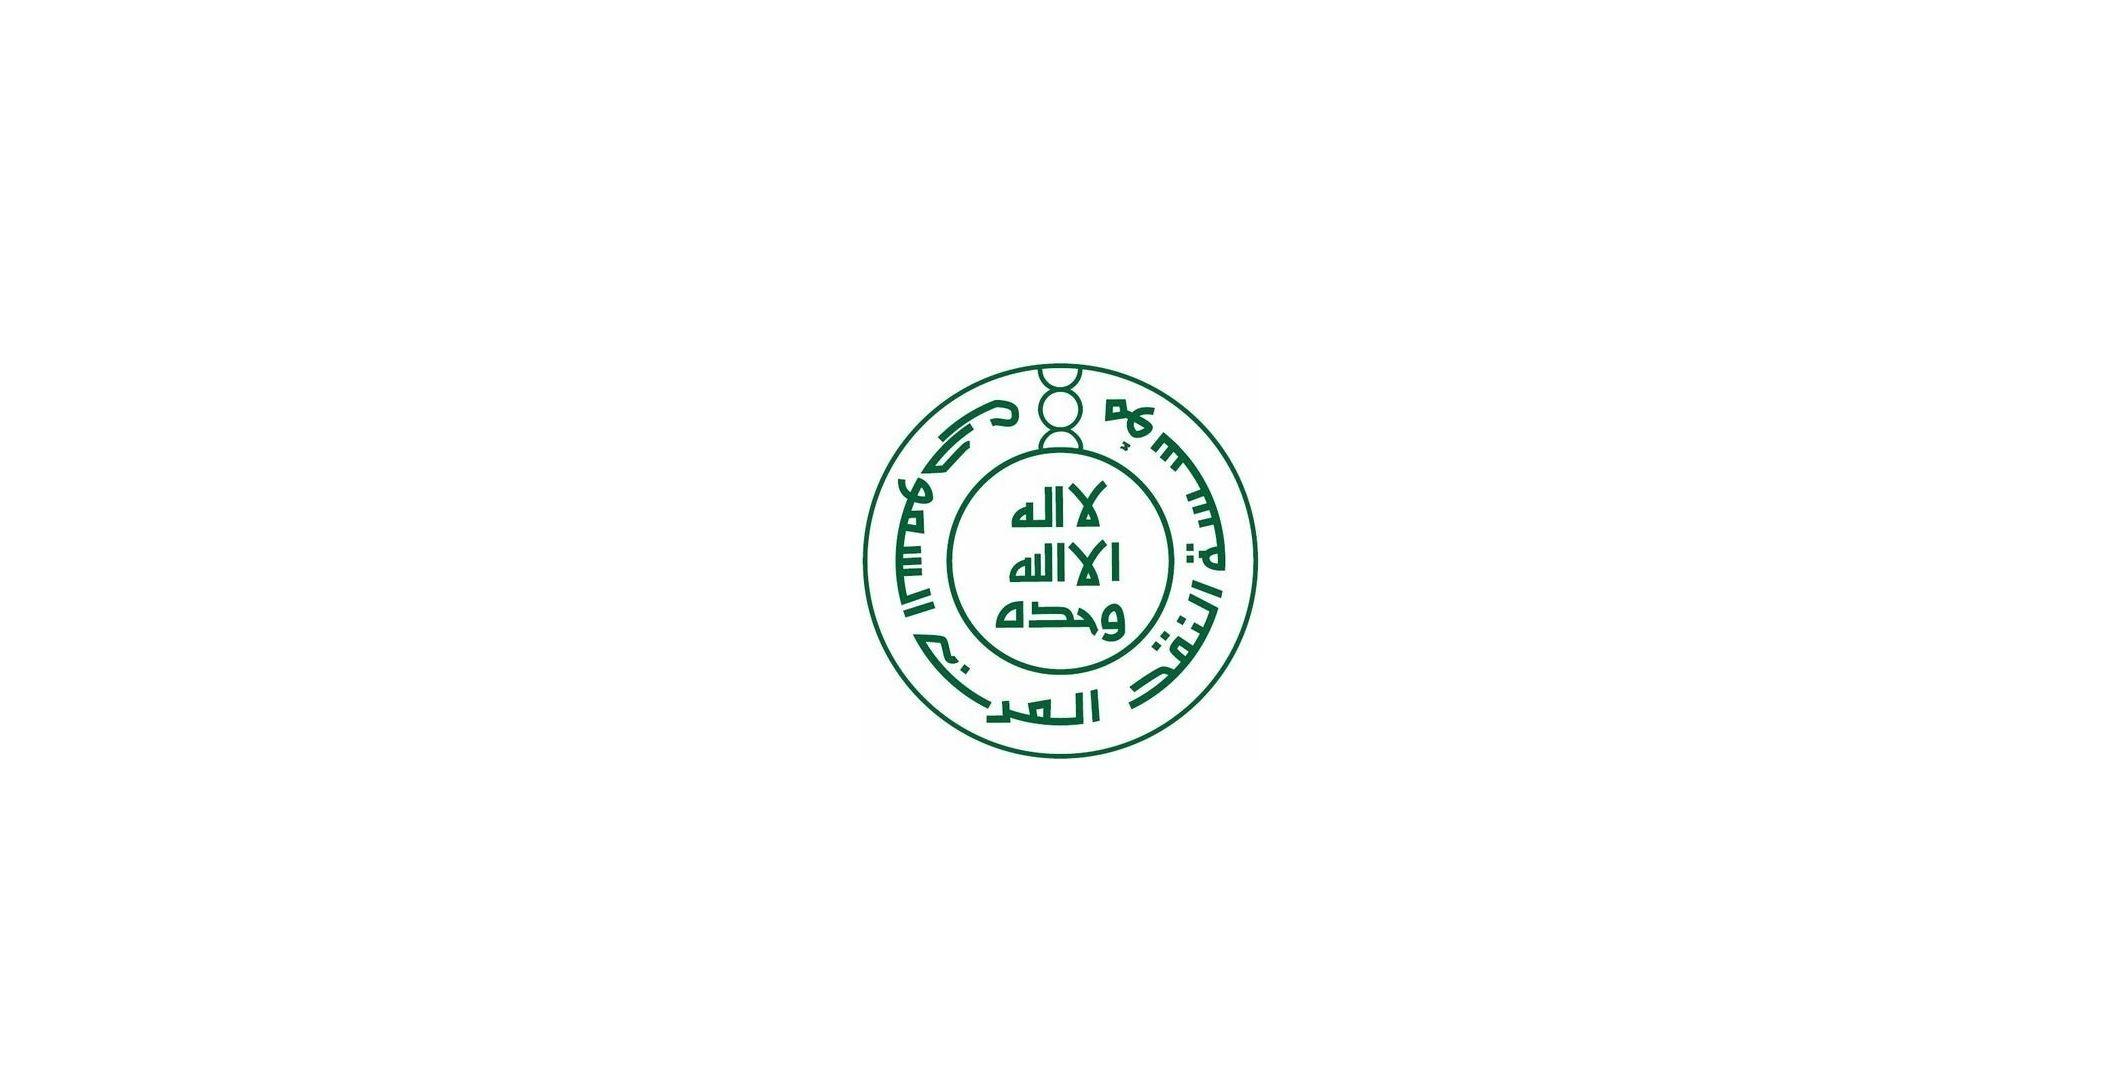 مؤسسة النقد العربي السعودي توفر وظائف شاغرة لحملة الماجستير في عدة تخصصات في مدينة الرياض Sports